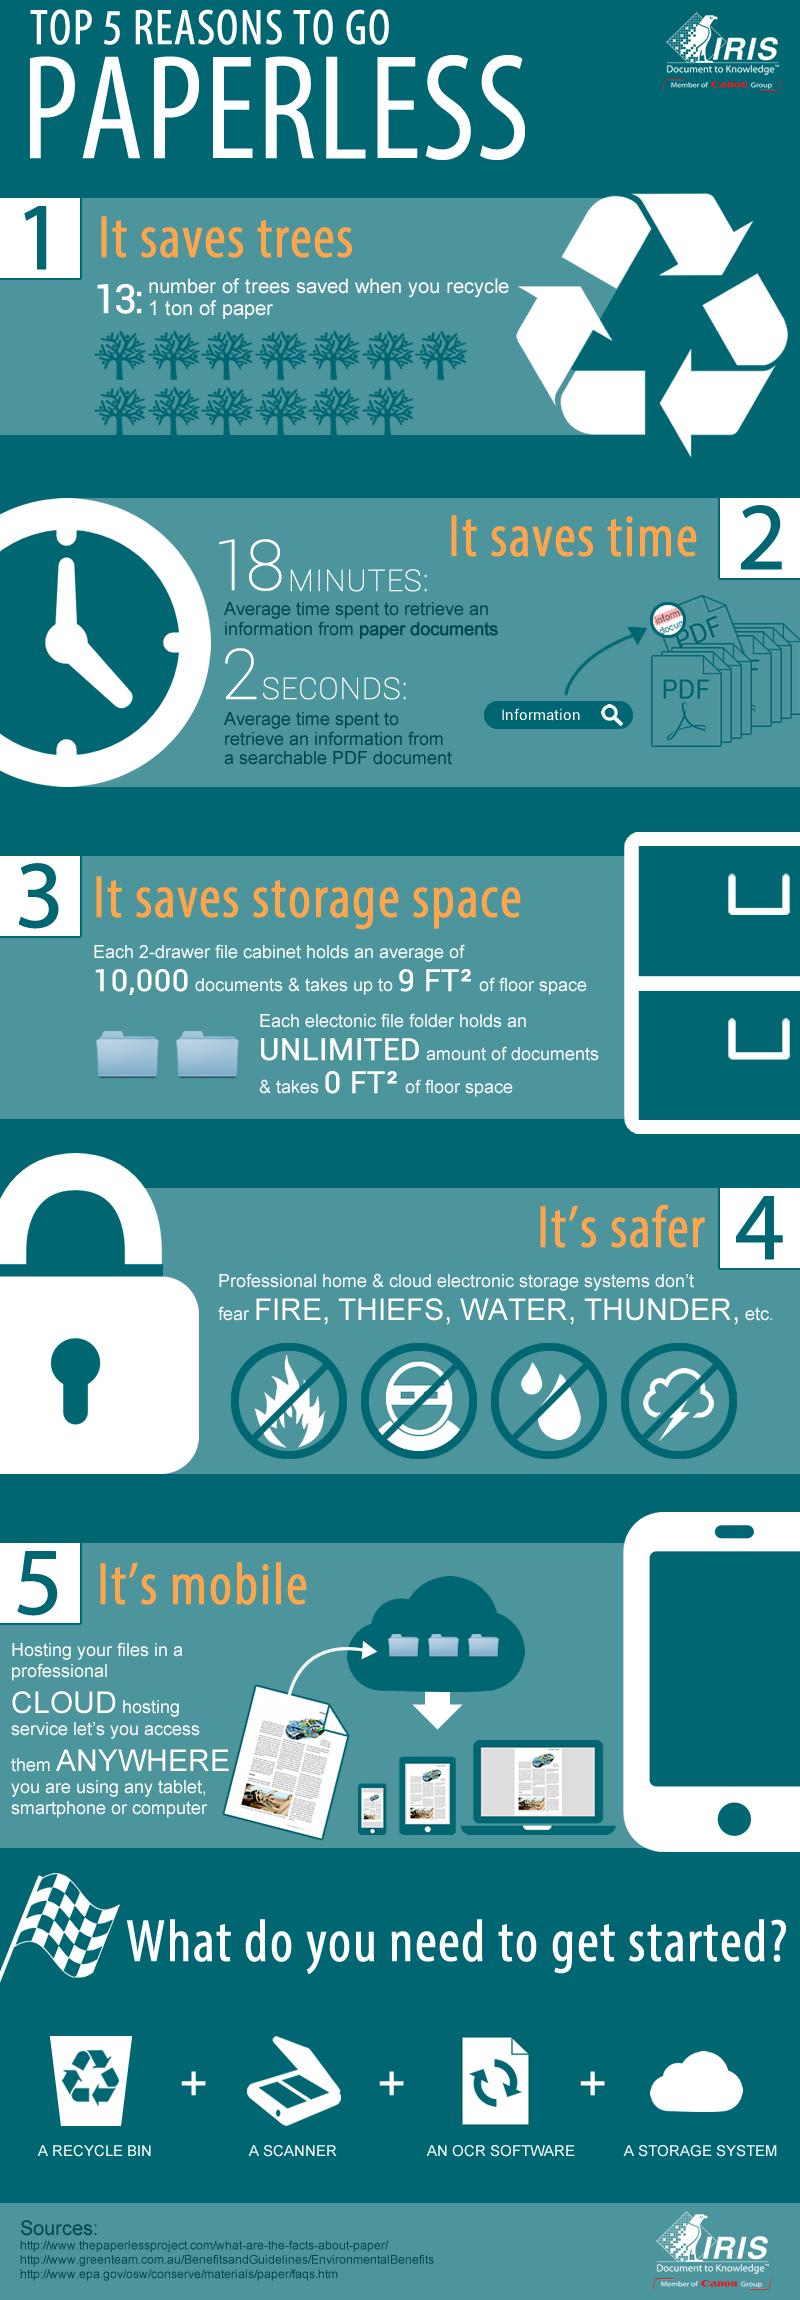 http://blog.irislink.com/wp-content/uploads/2015/05/paperless-infographic.jpg